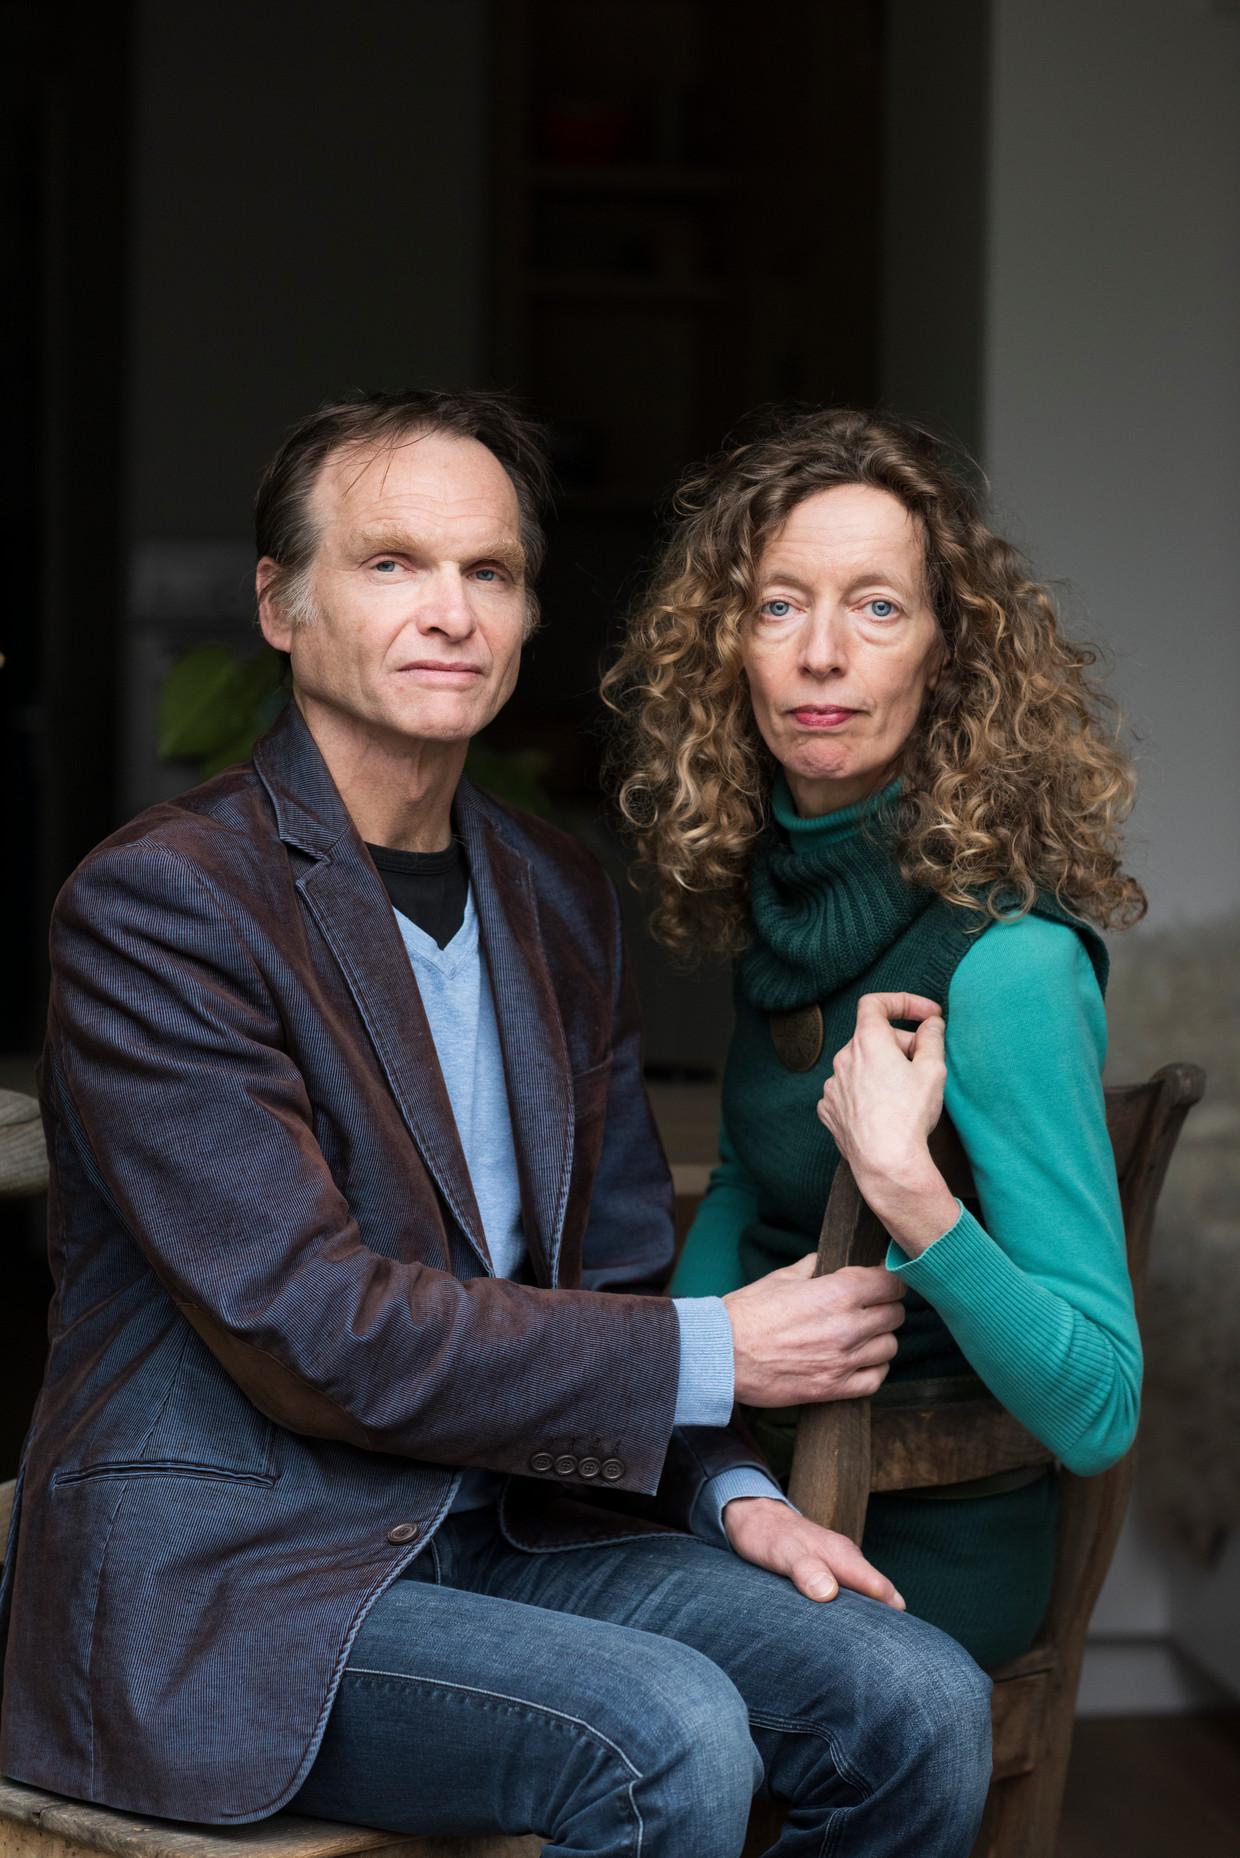 Gaston Remmers en Titia Bloemhof: 'De lockdown zoog de levenslust uit Pepijn. De sprankeling die hij had, verdween.'  Beeld Linelle Deunk